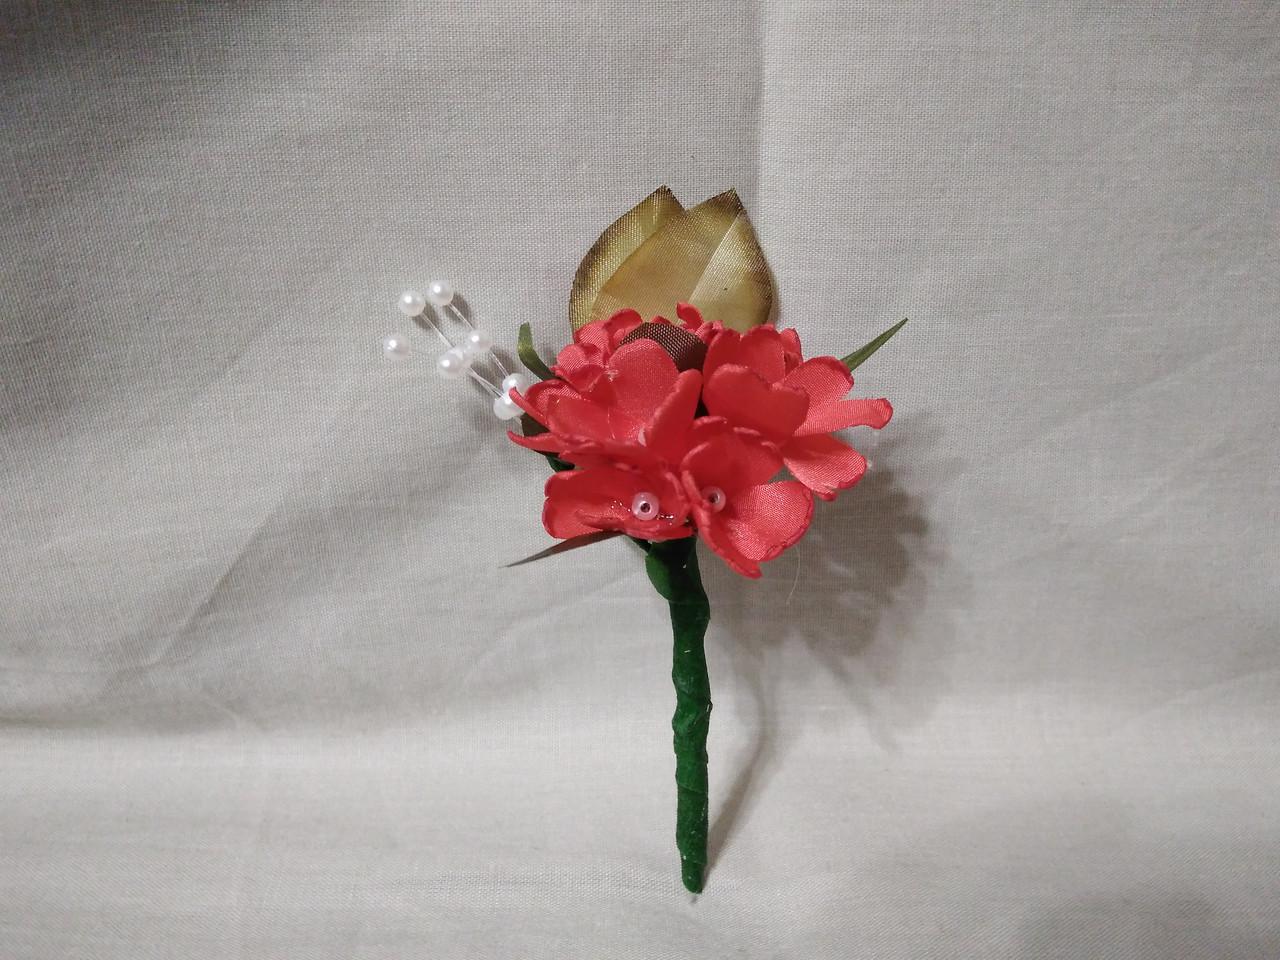 Бутоньерка для гостя на свадьбе красная